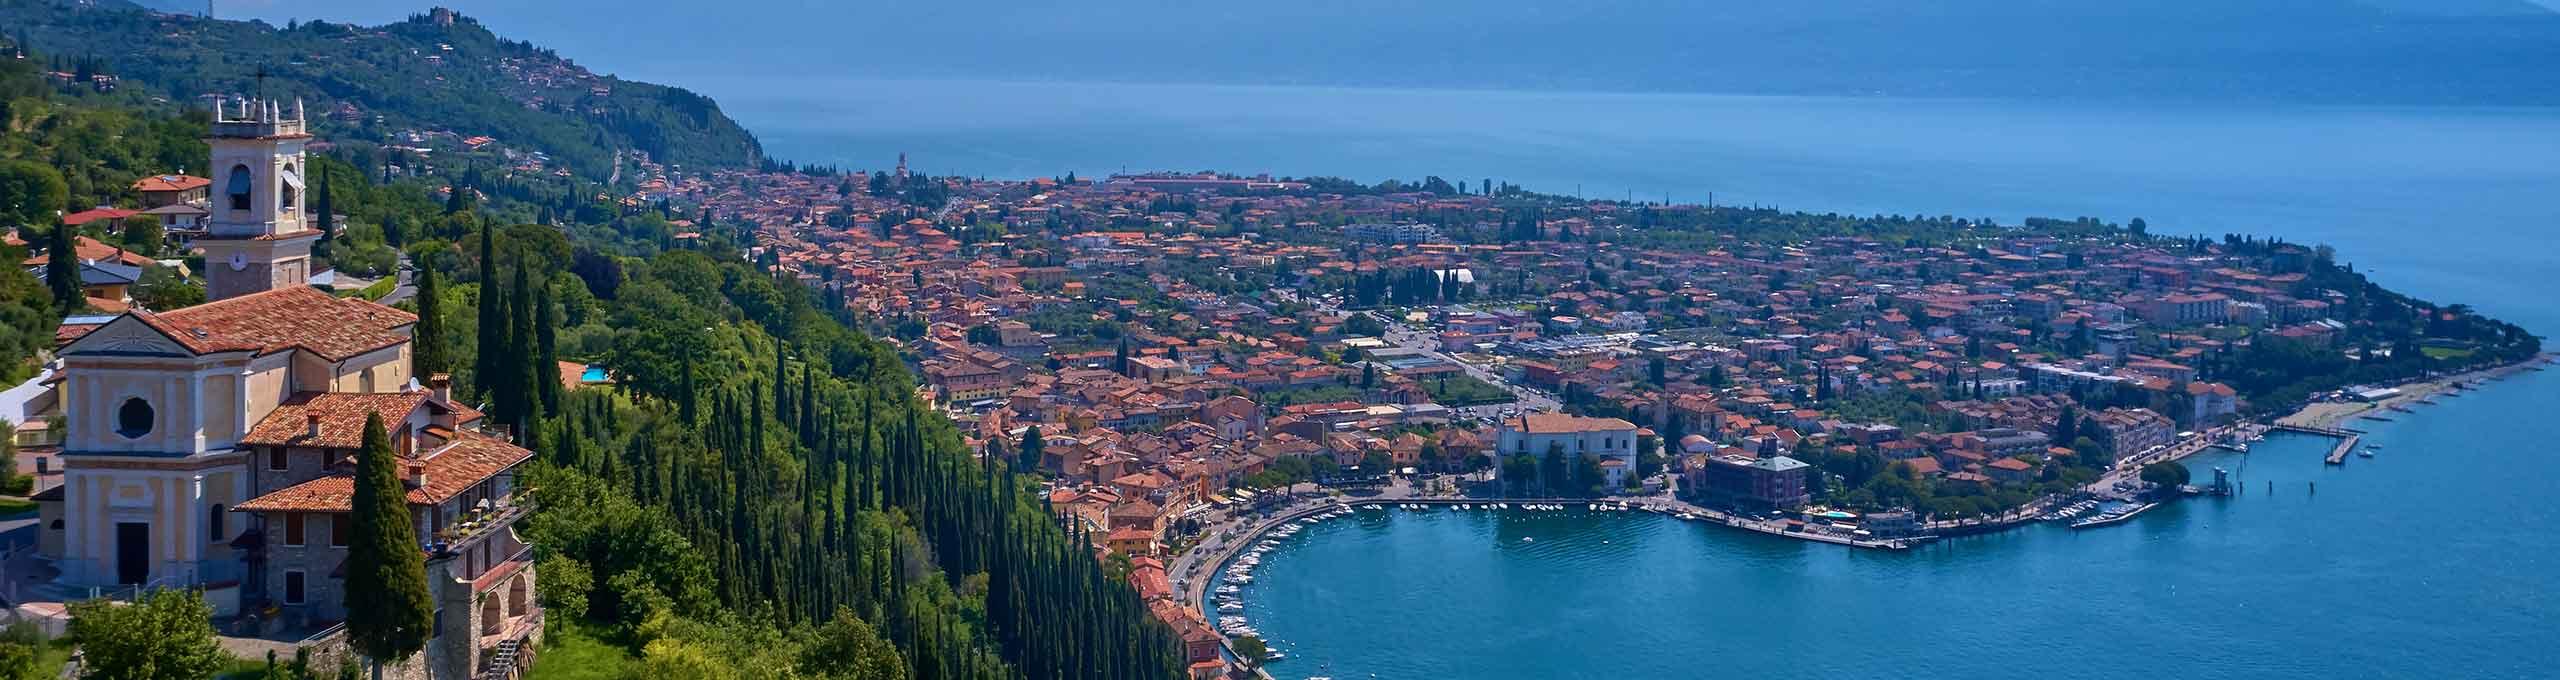 Toscolano, Lago di Garda